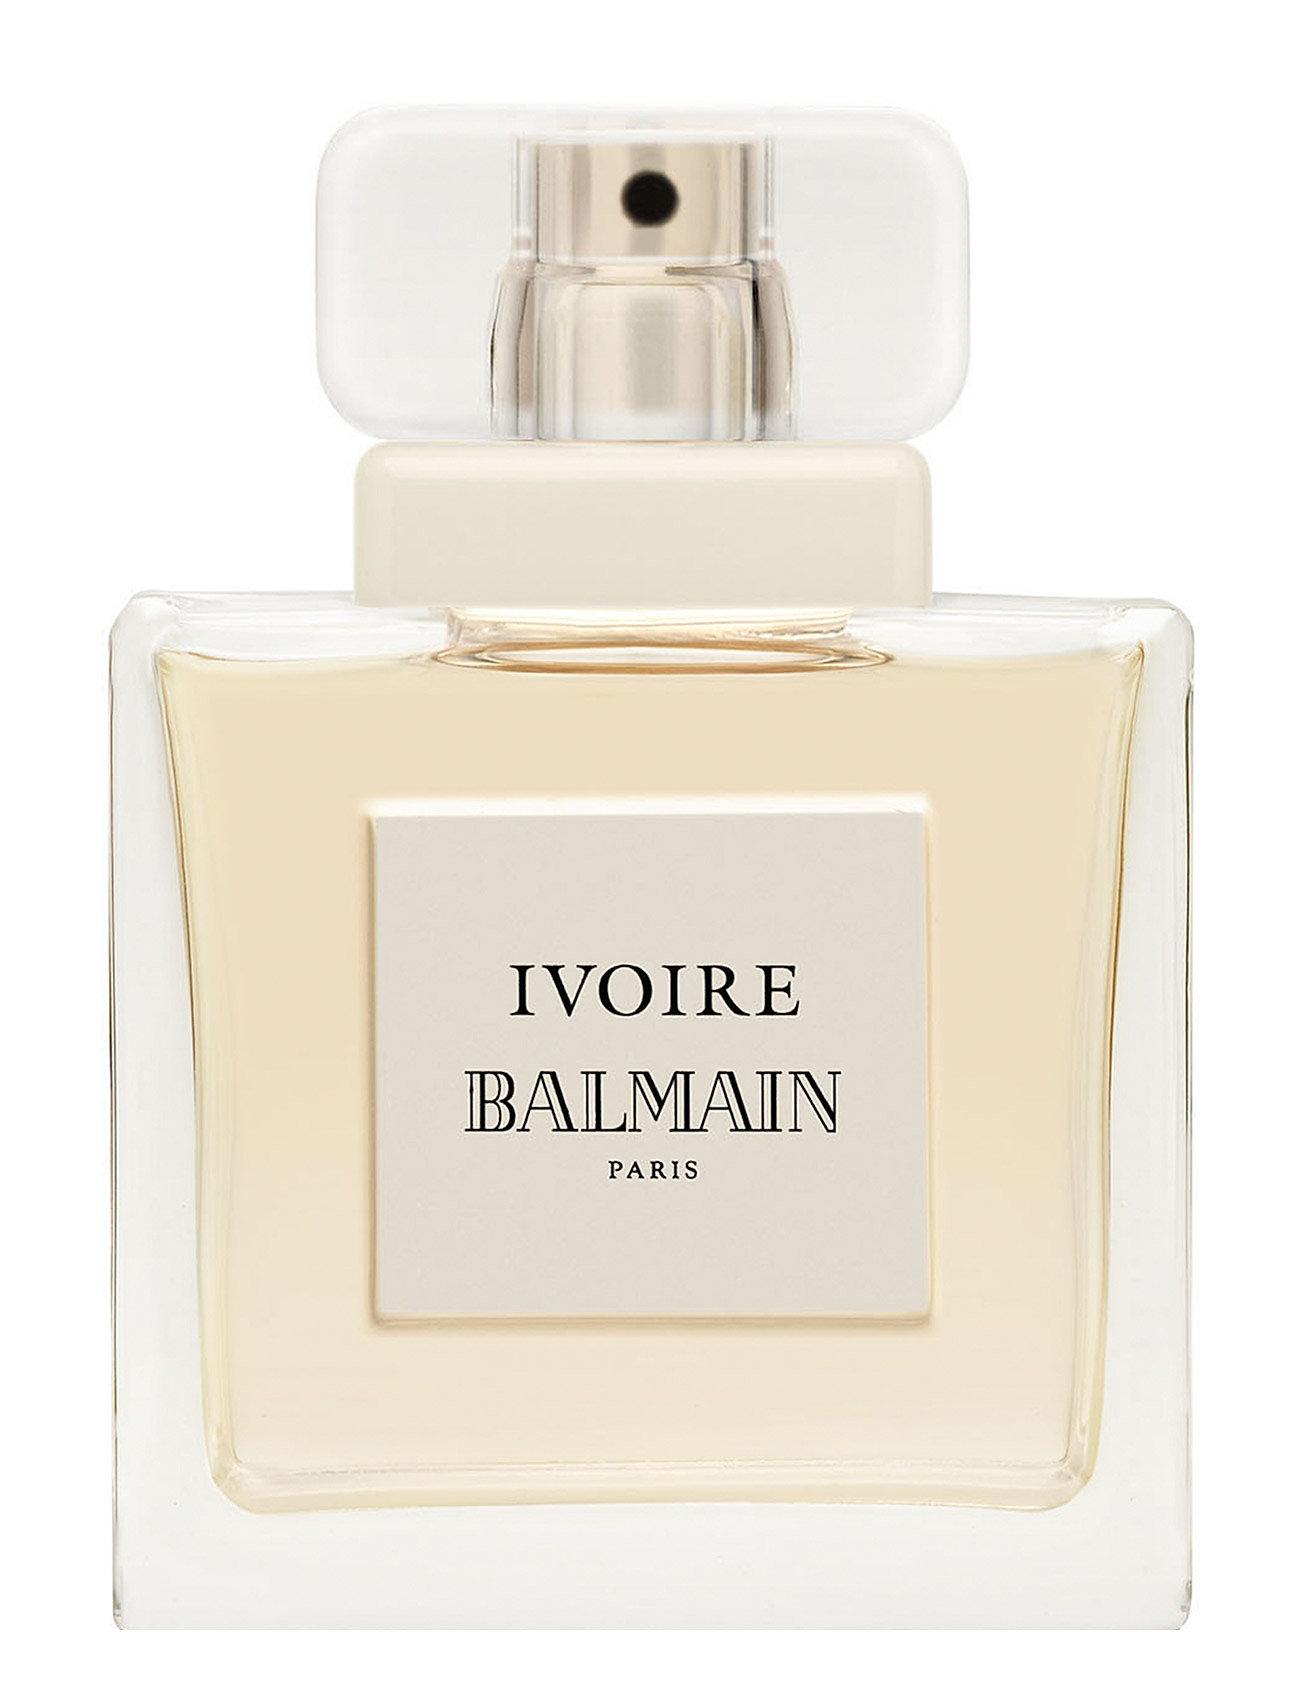 balmain – Ivoire eau de parfum på boozt.com dk